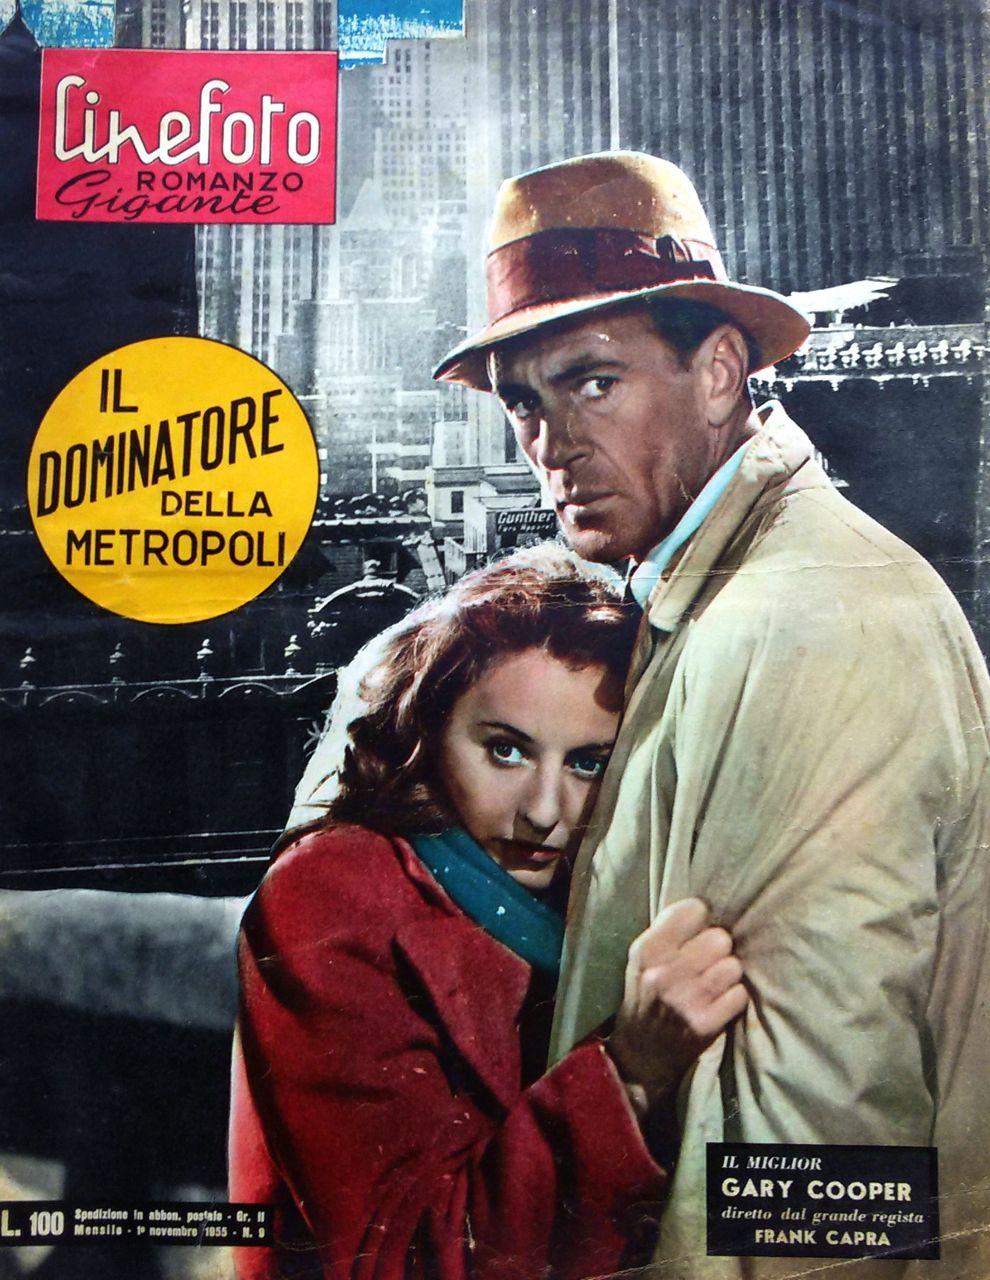 """Il dominatore della metropoli – Cineromanzo a fumetti dal film """"Meet John Doe"""" (""""Arriva John Doe"""" o """"I dominatori della metropoli""""), 1941 di Frank Capra, in Cinefotoromanzo Gigante, n.9, 1 novembre 1955"""